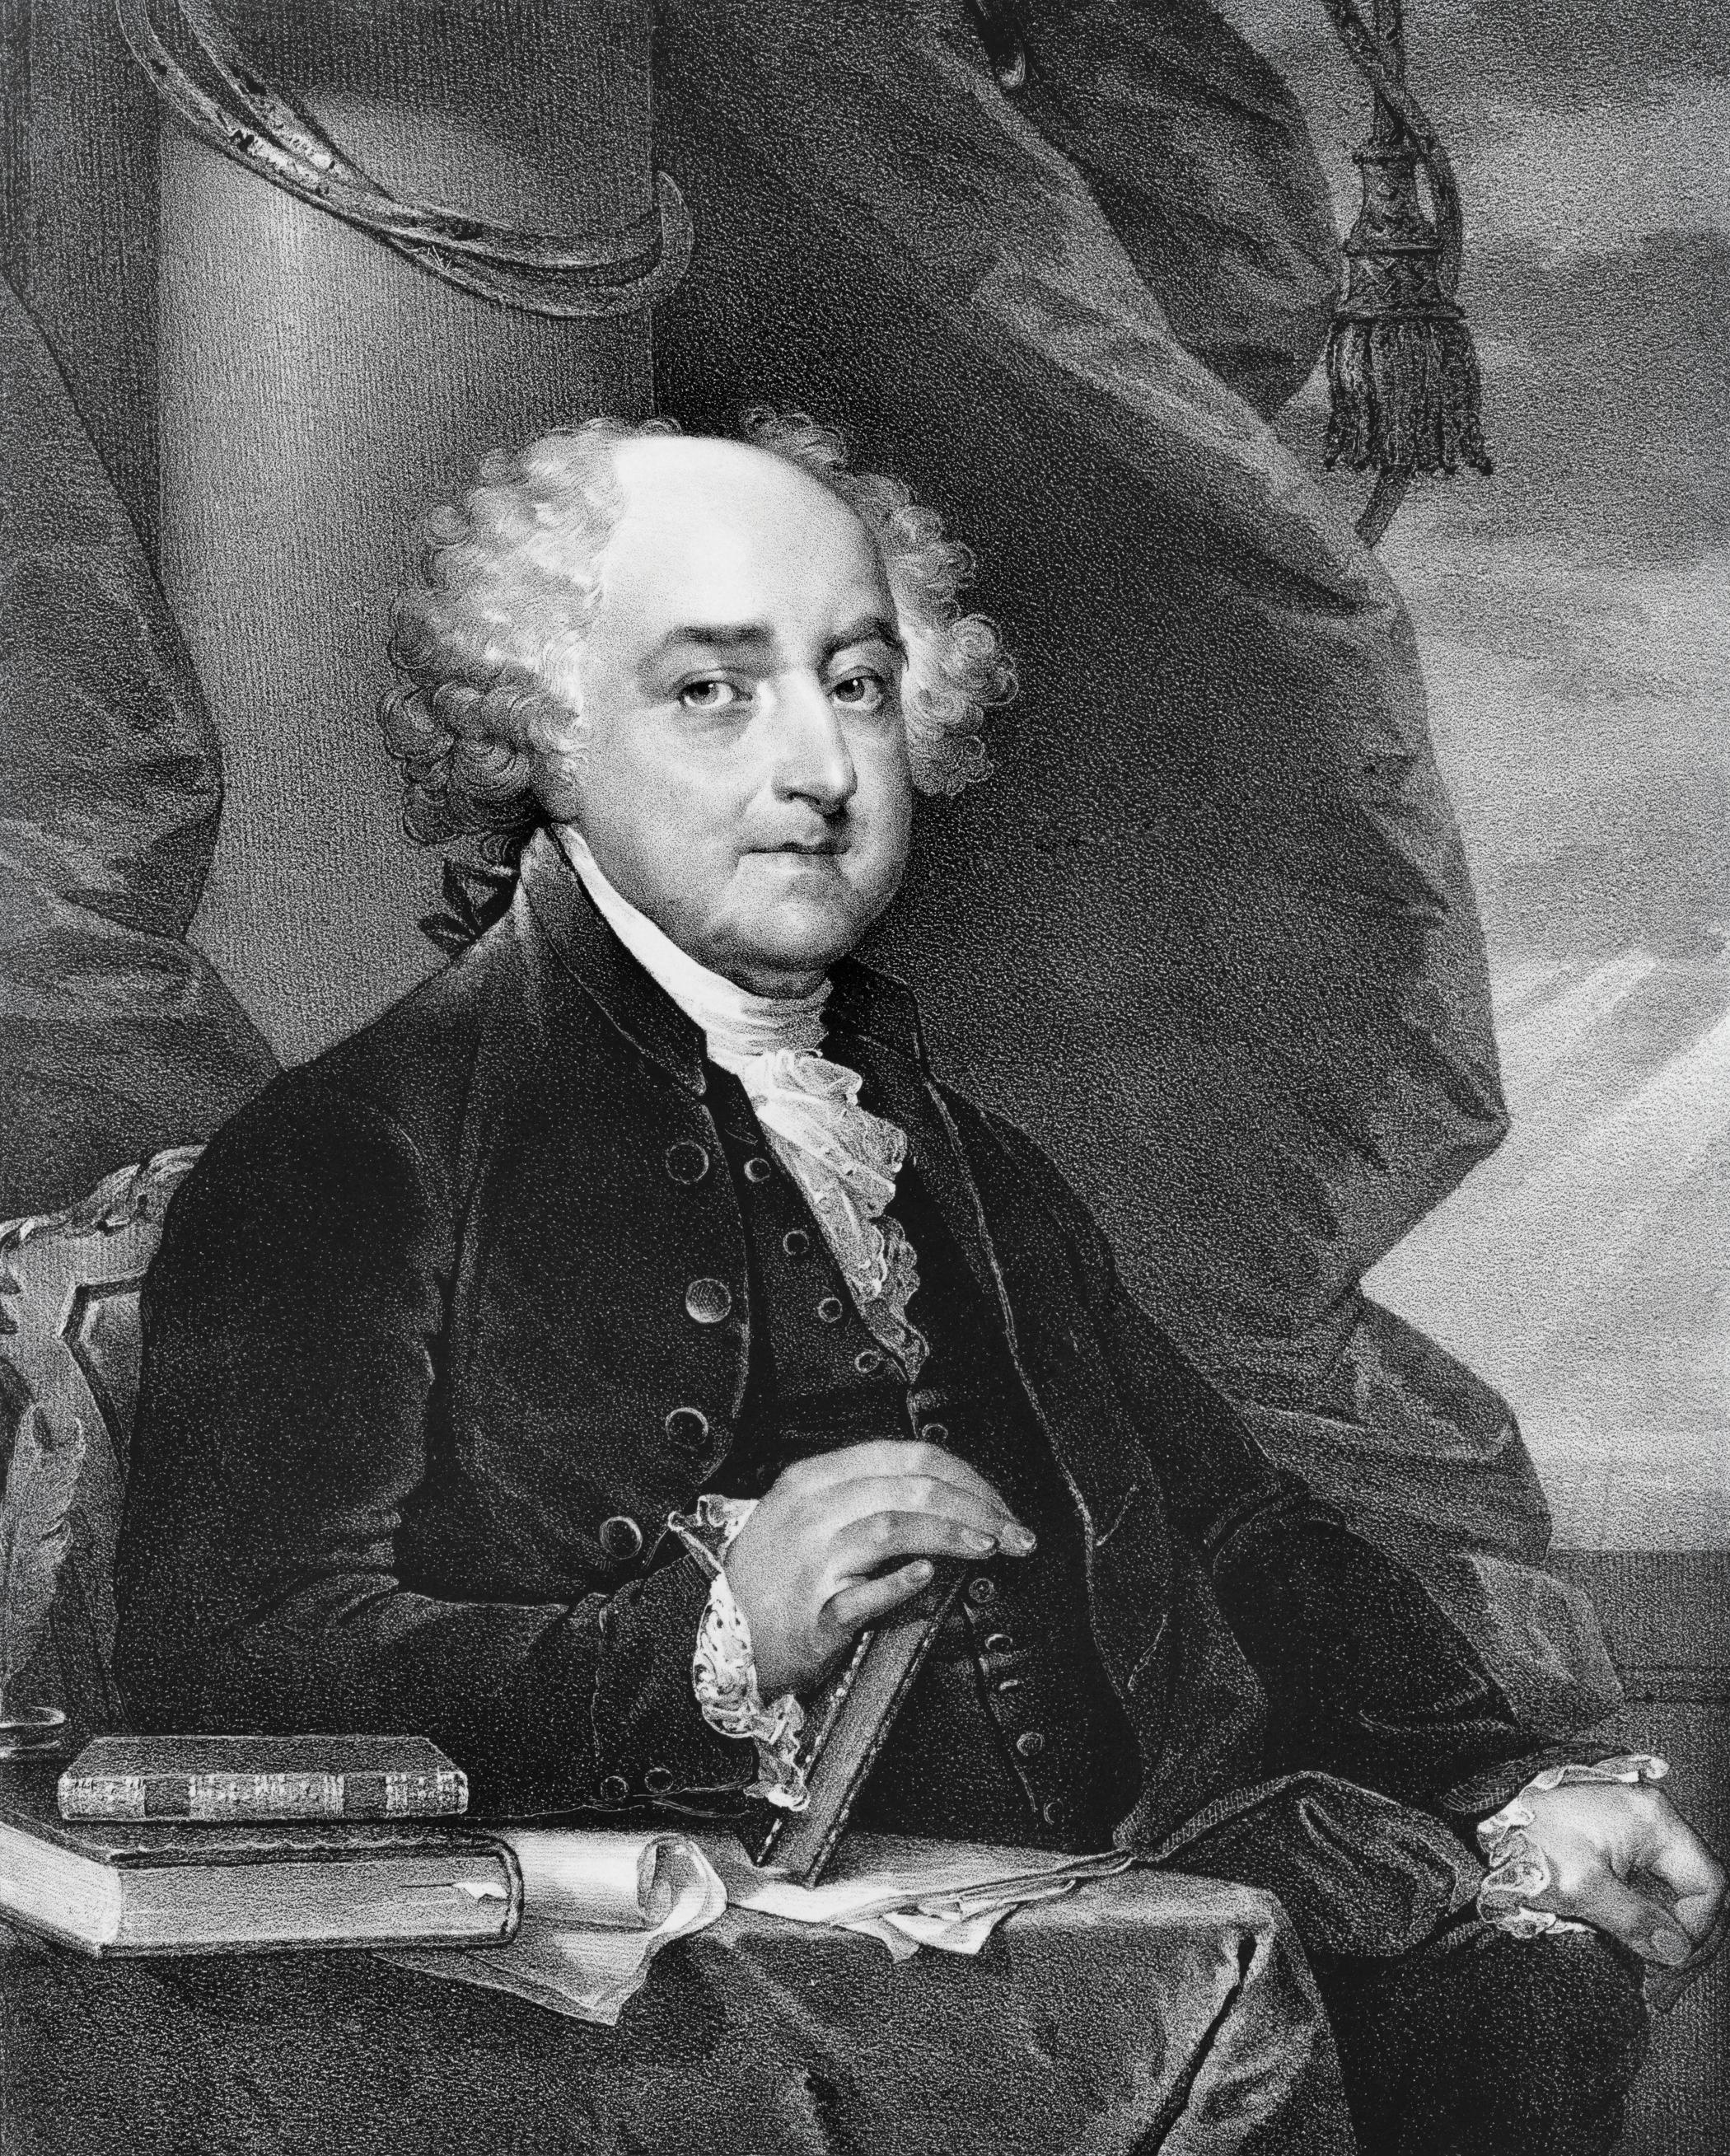 Former President John Adams